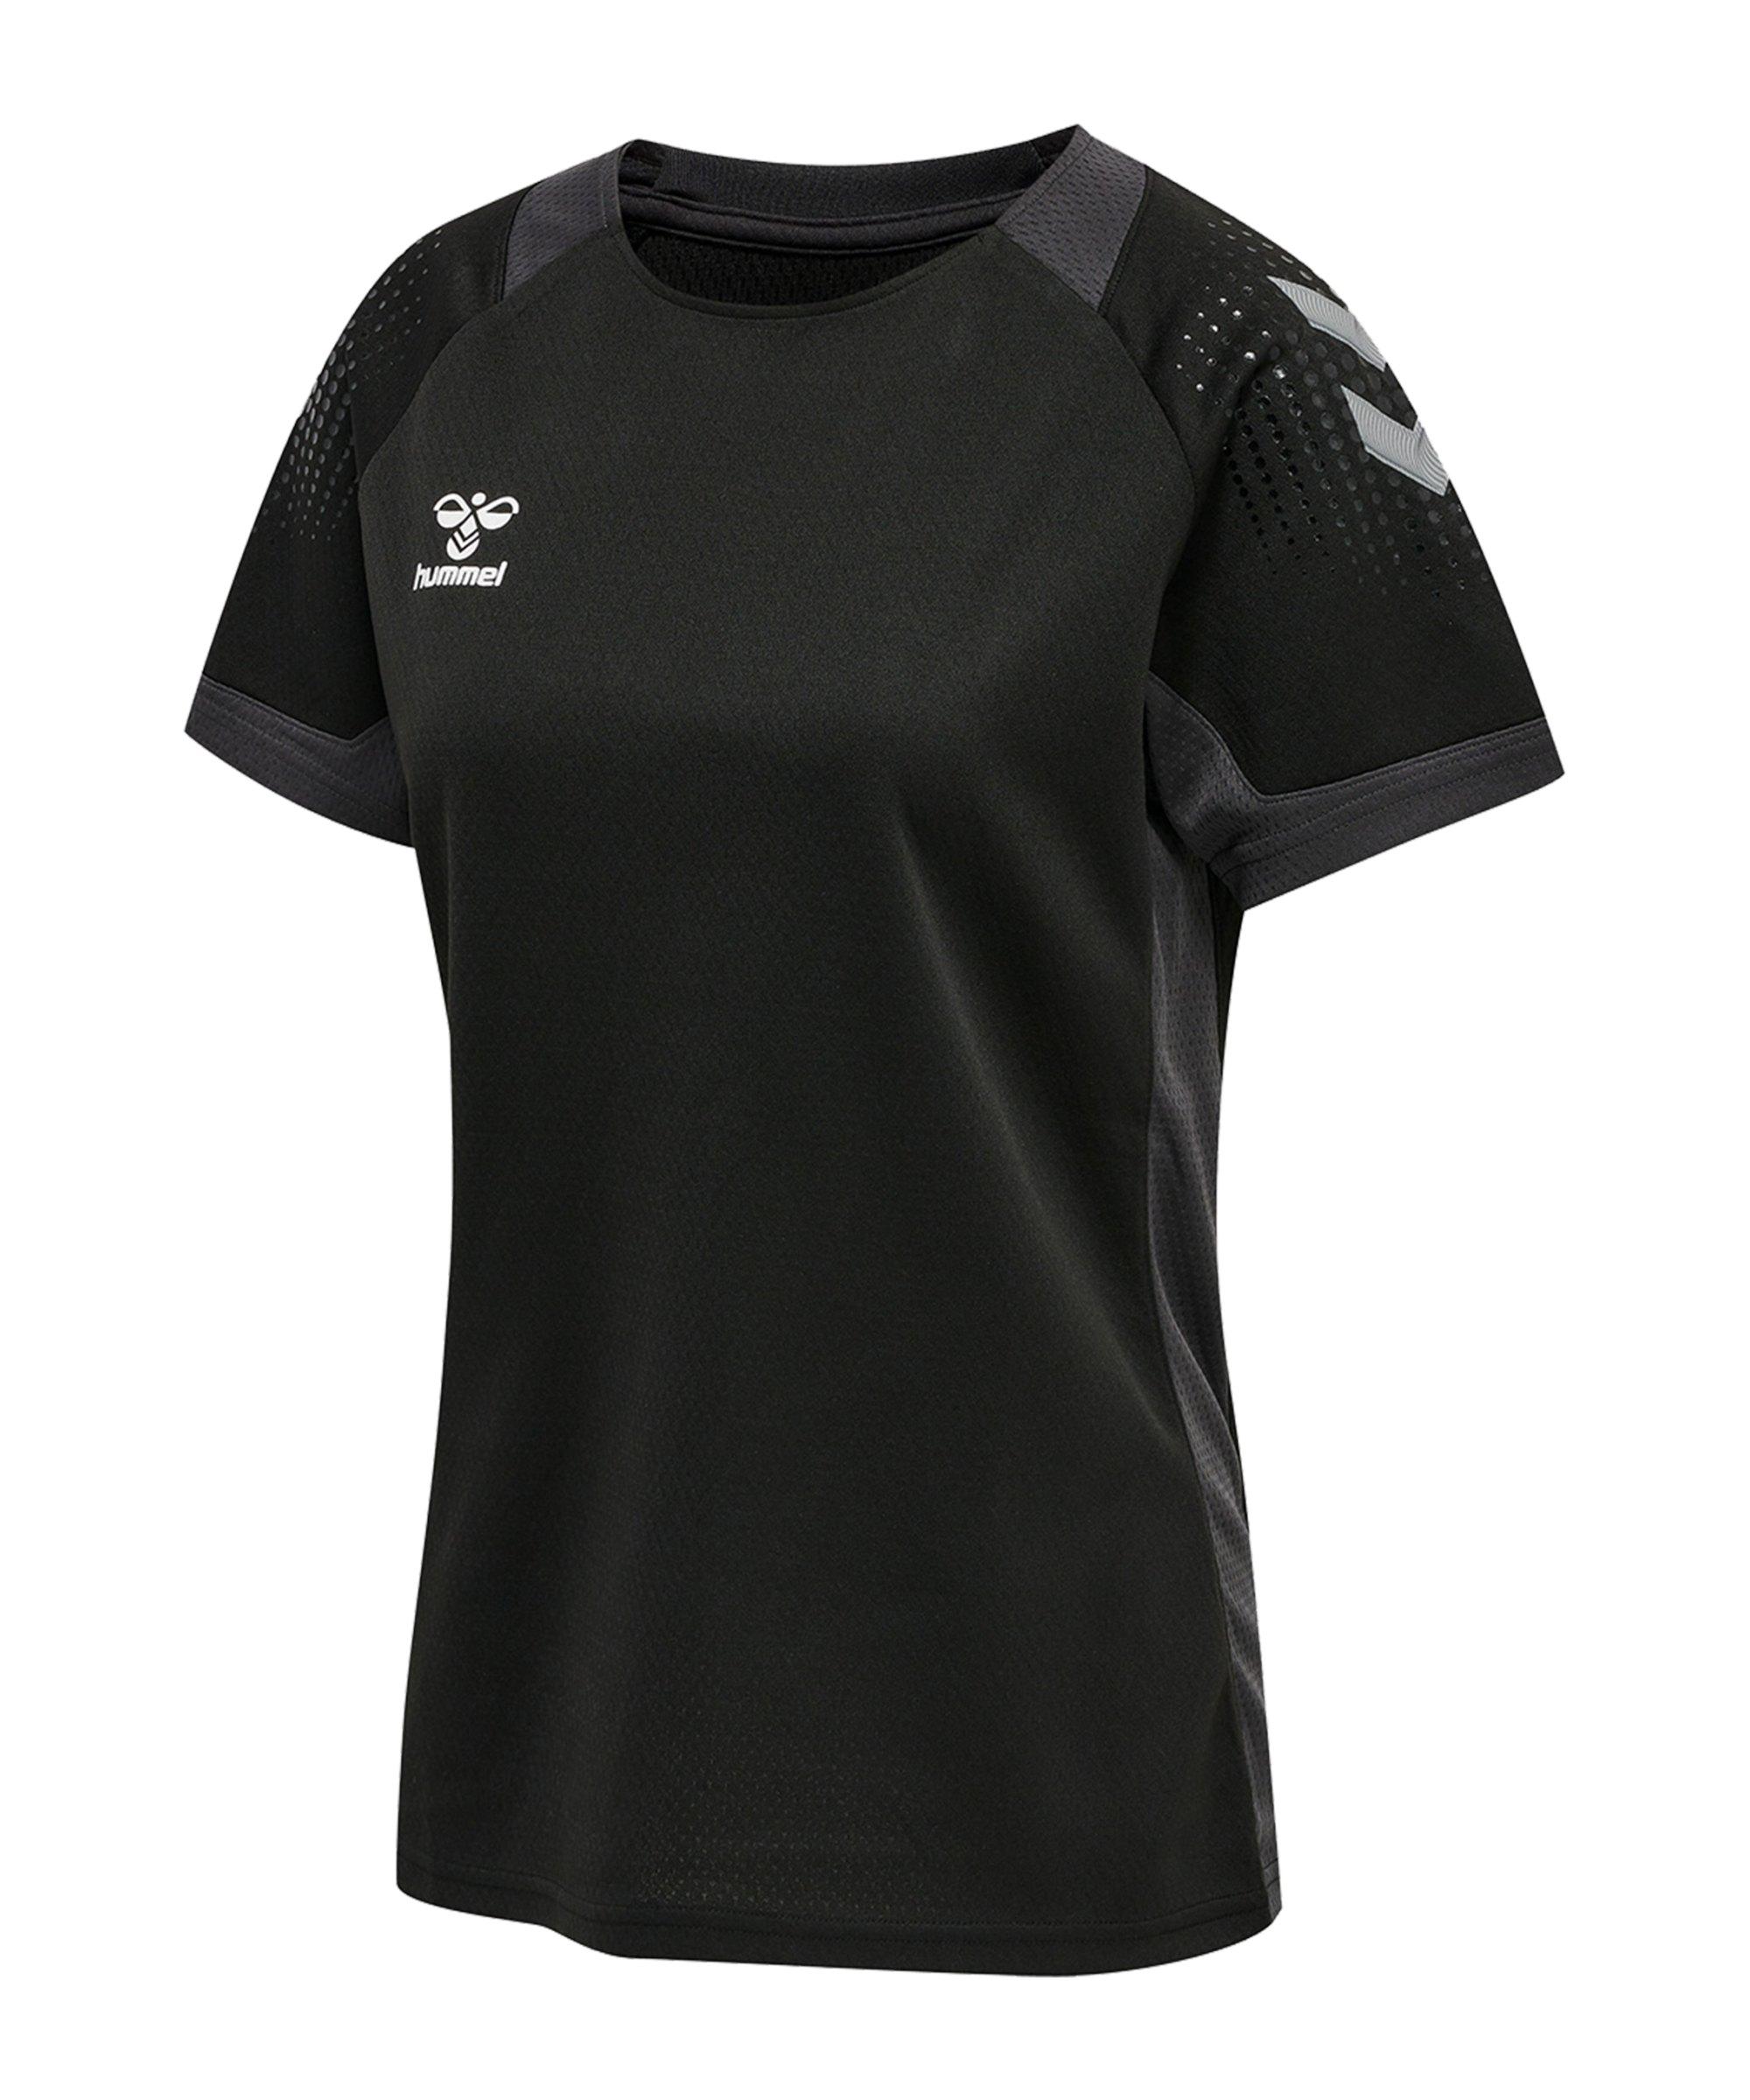 Hummel hmlLEAD Trainingsshirt Damen Schwarz F2001 - schwarz